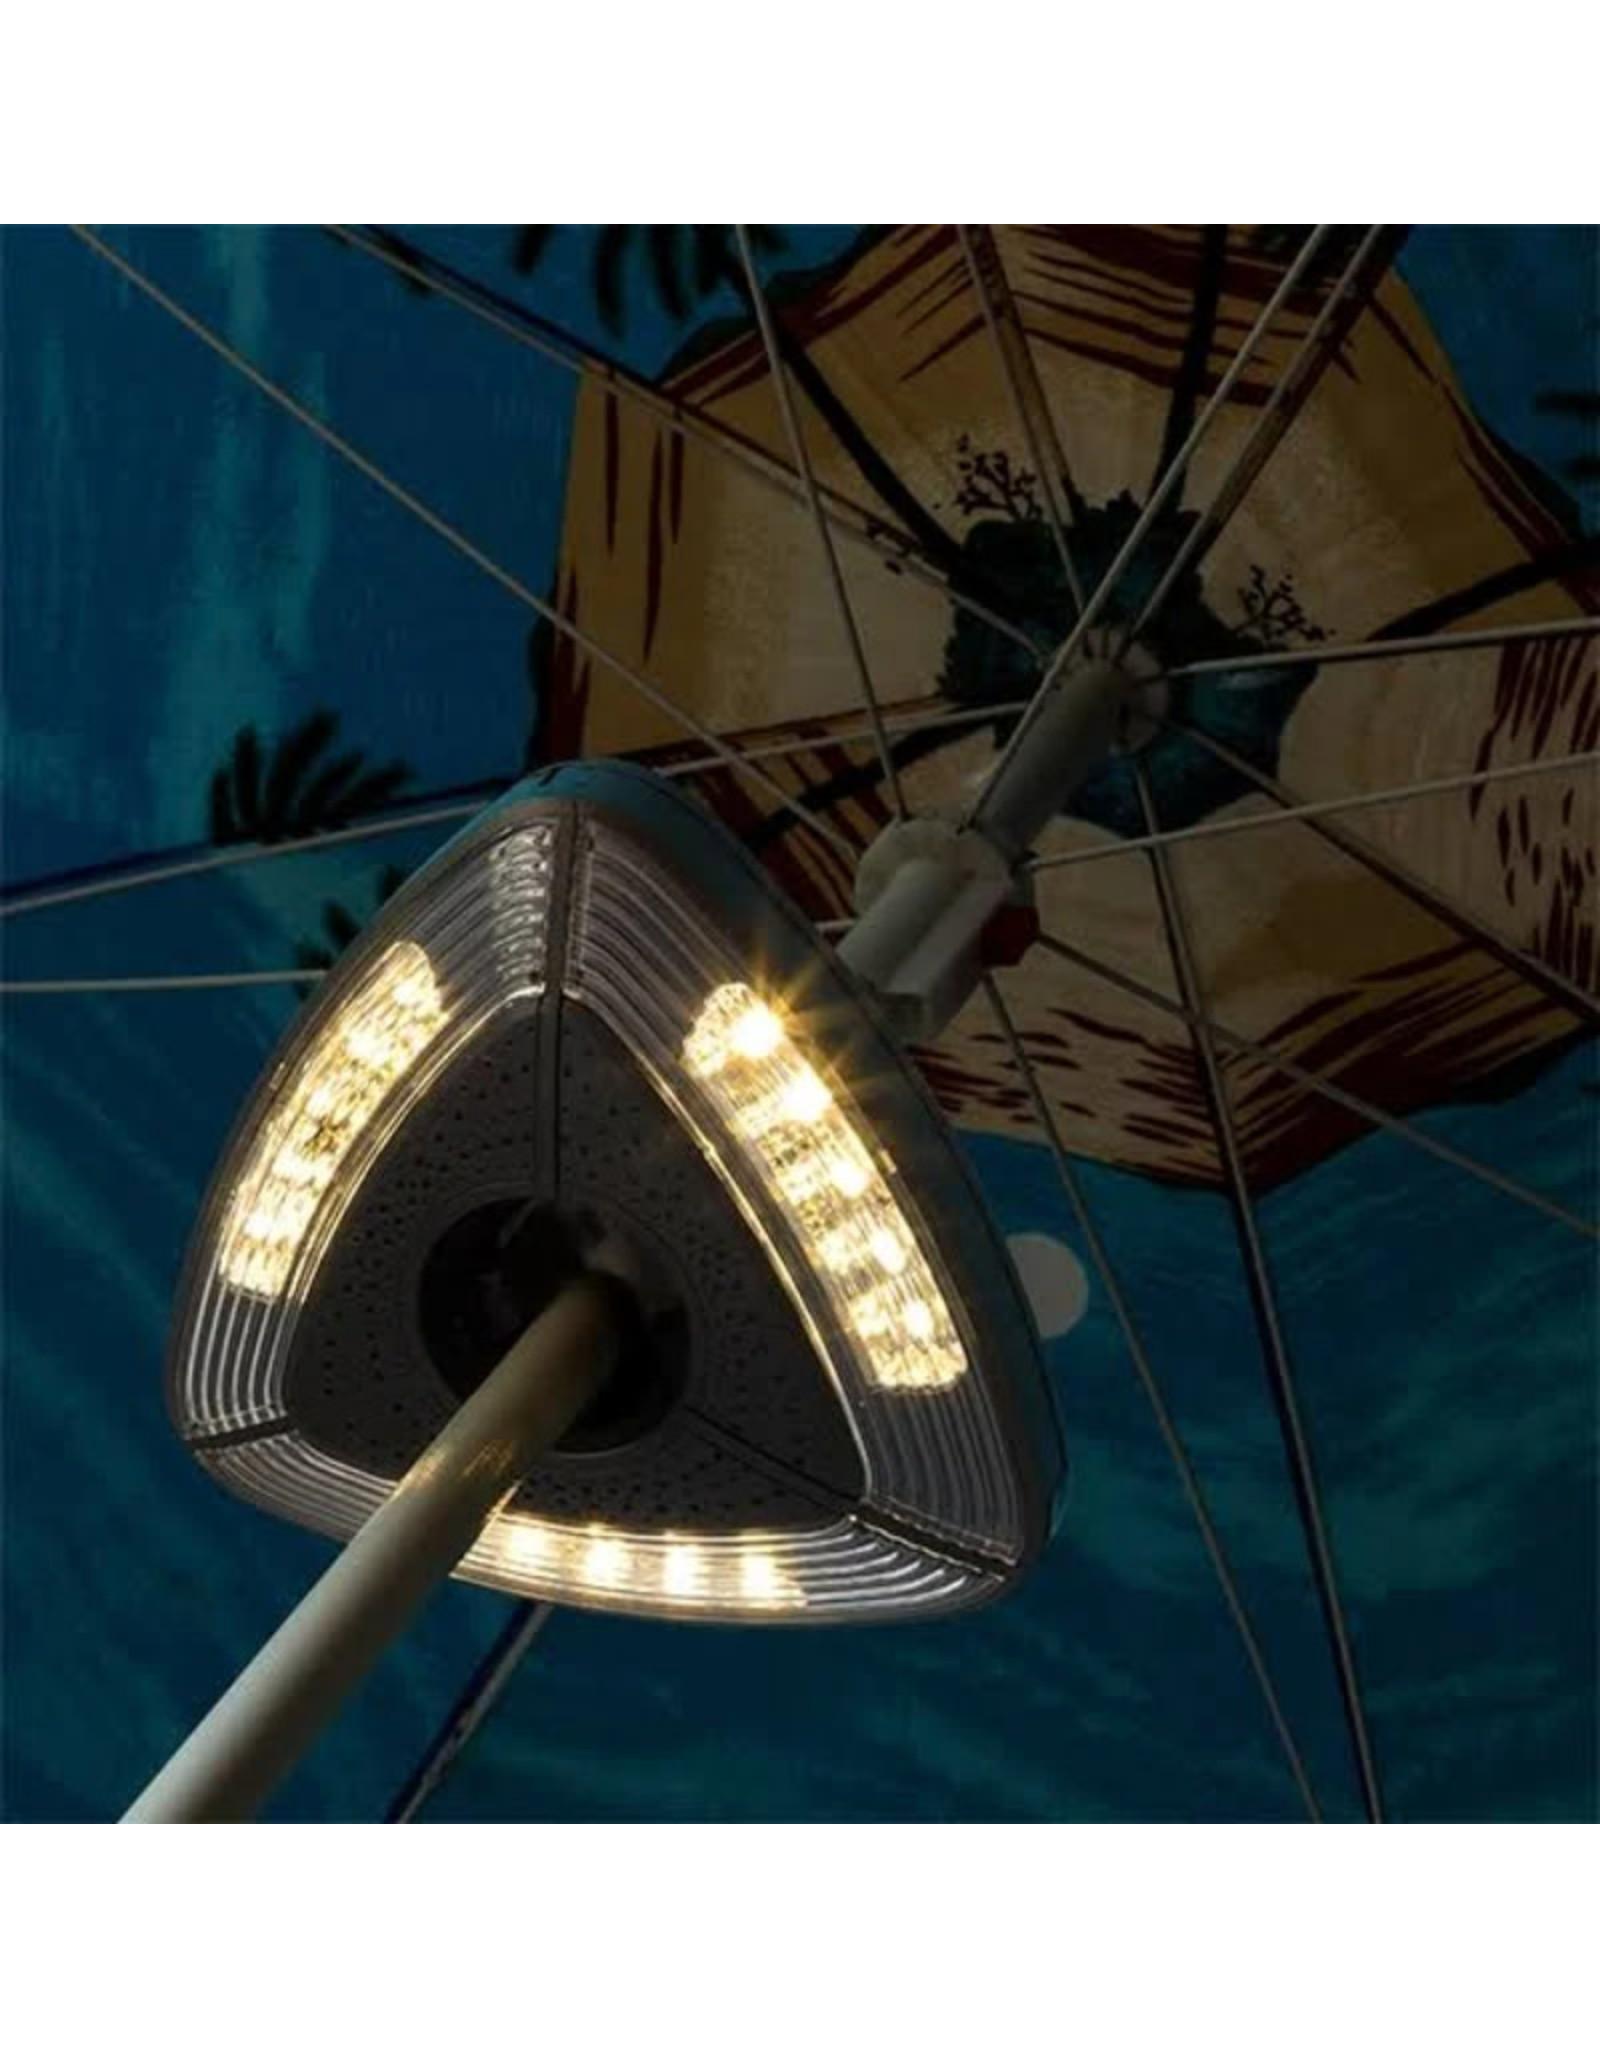 AMBIANCE Parasolverlichting driehoek